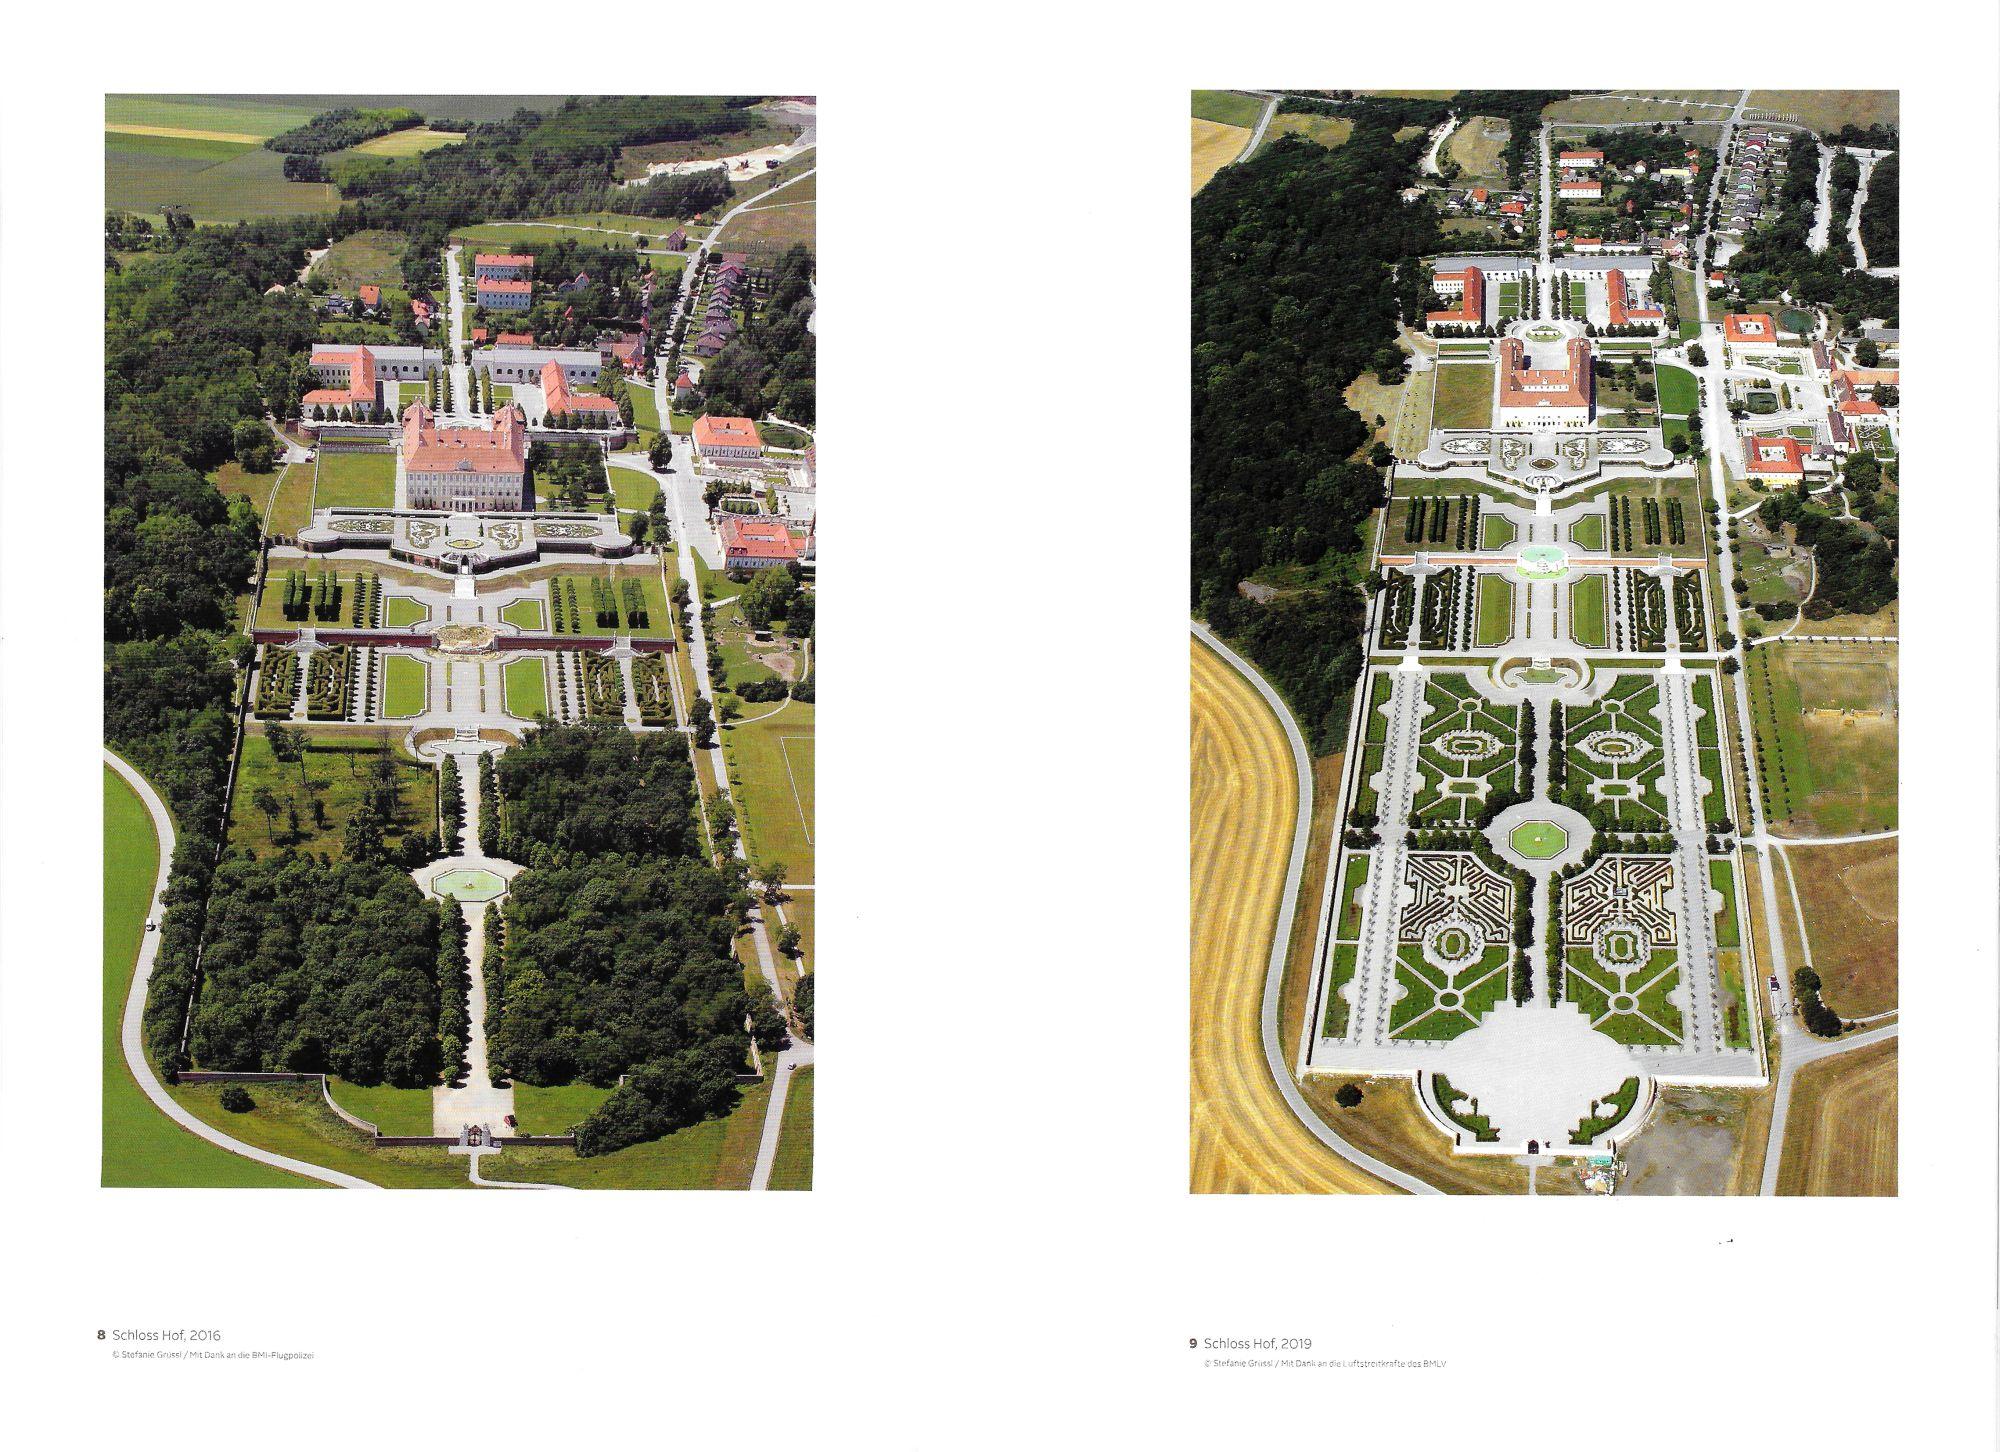 Schloss Hof Anlage 2016 und 2019, Fotos © Stefanie Grüssl